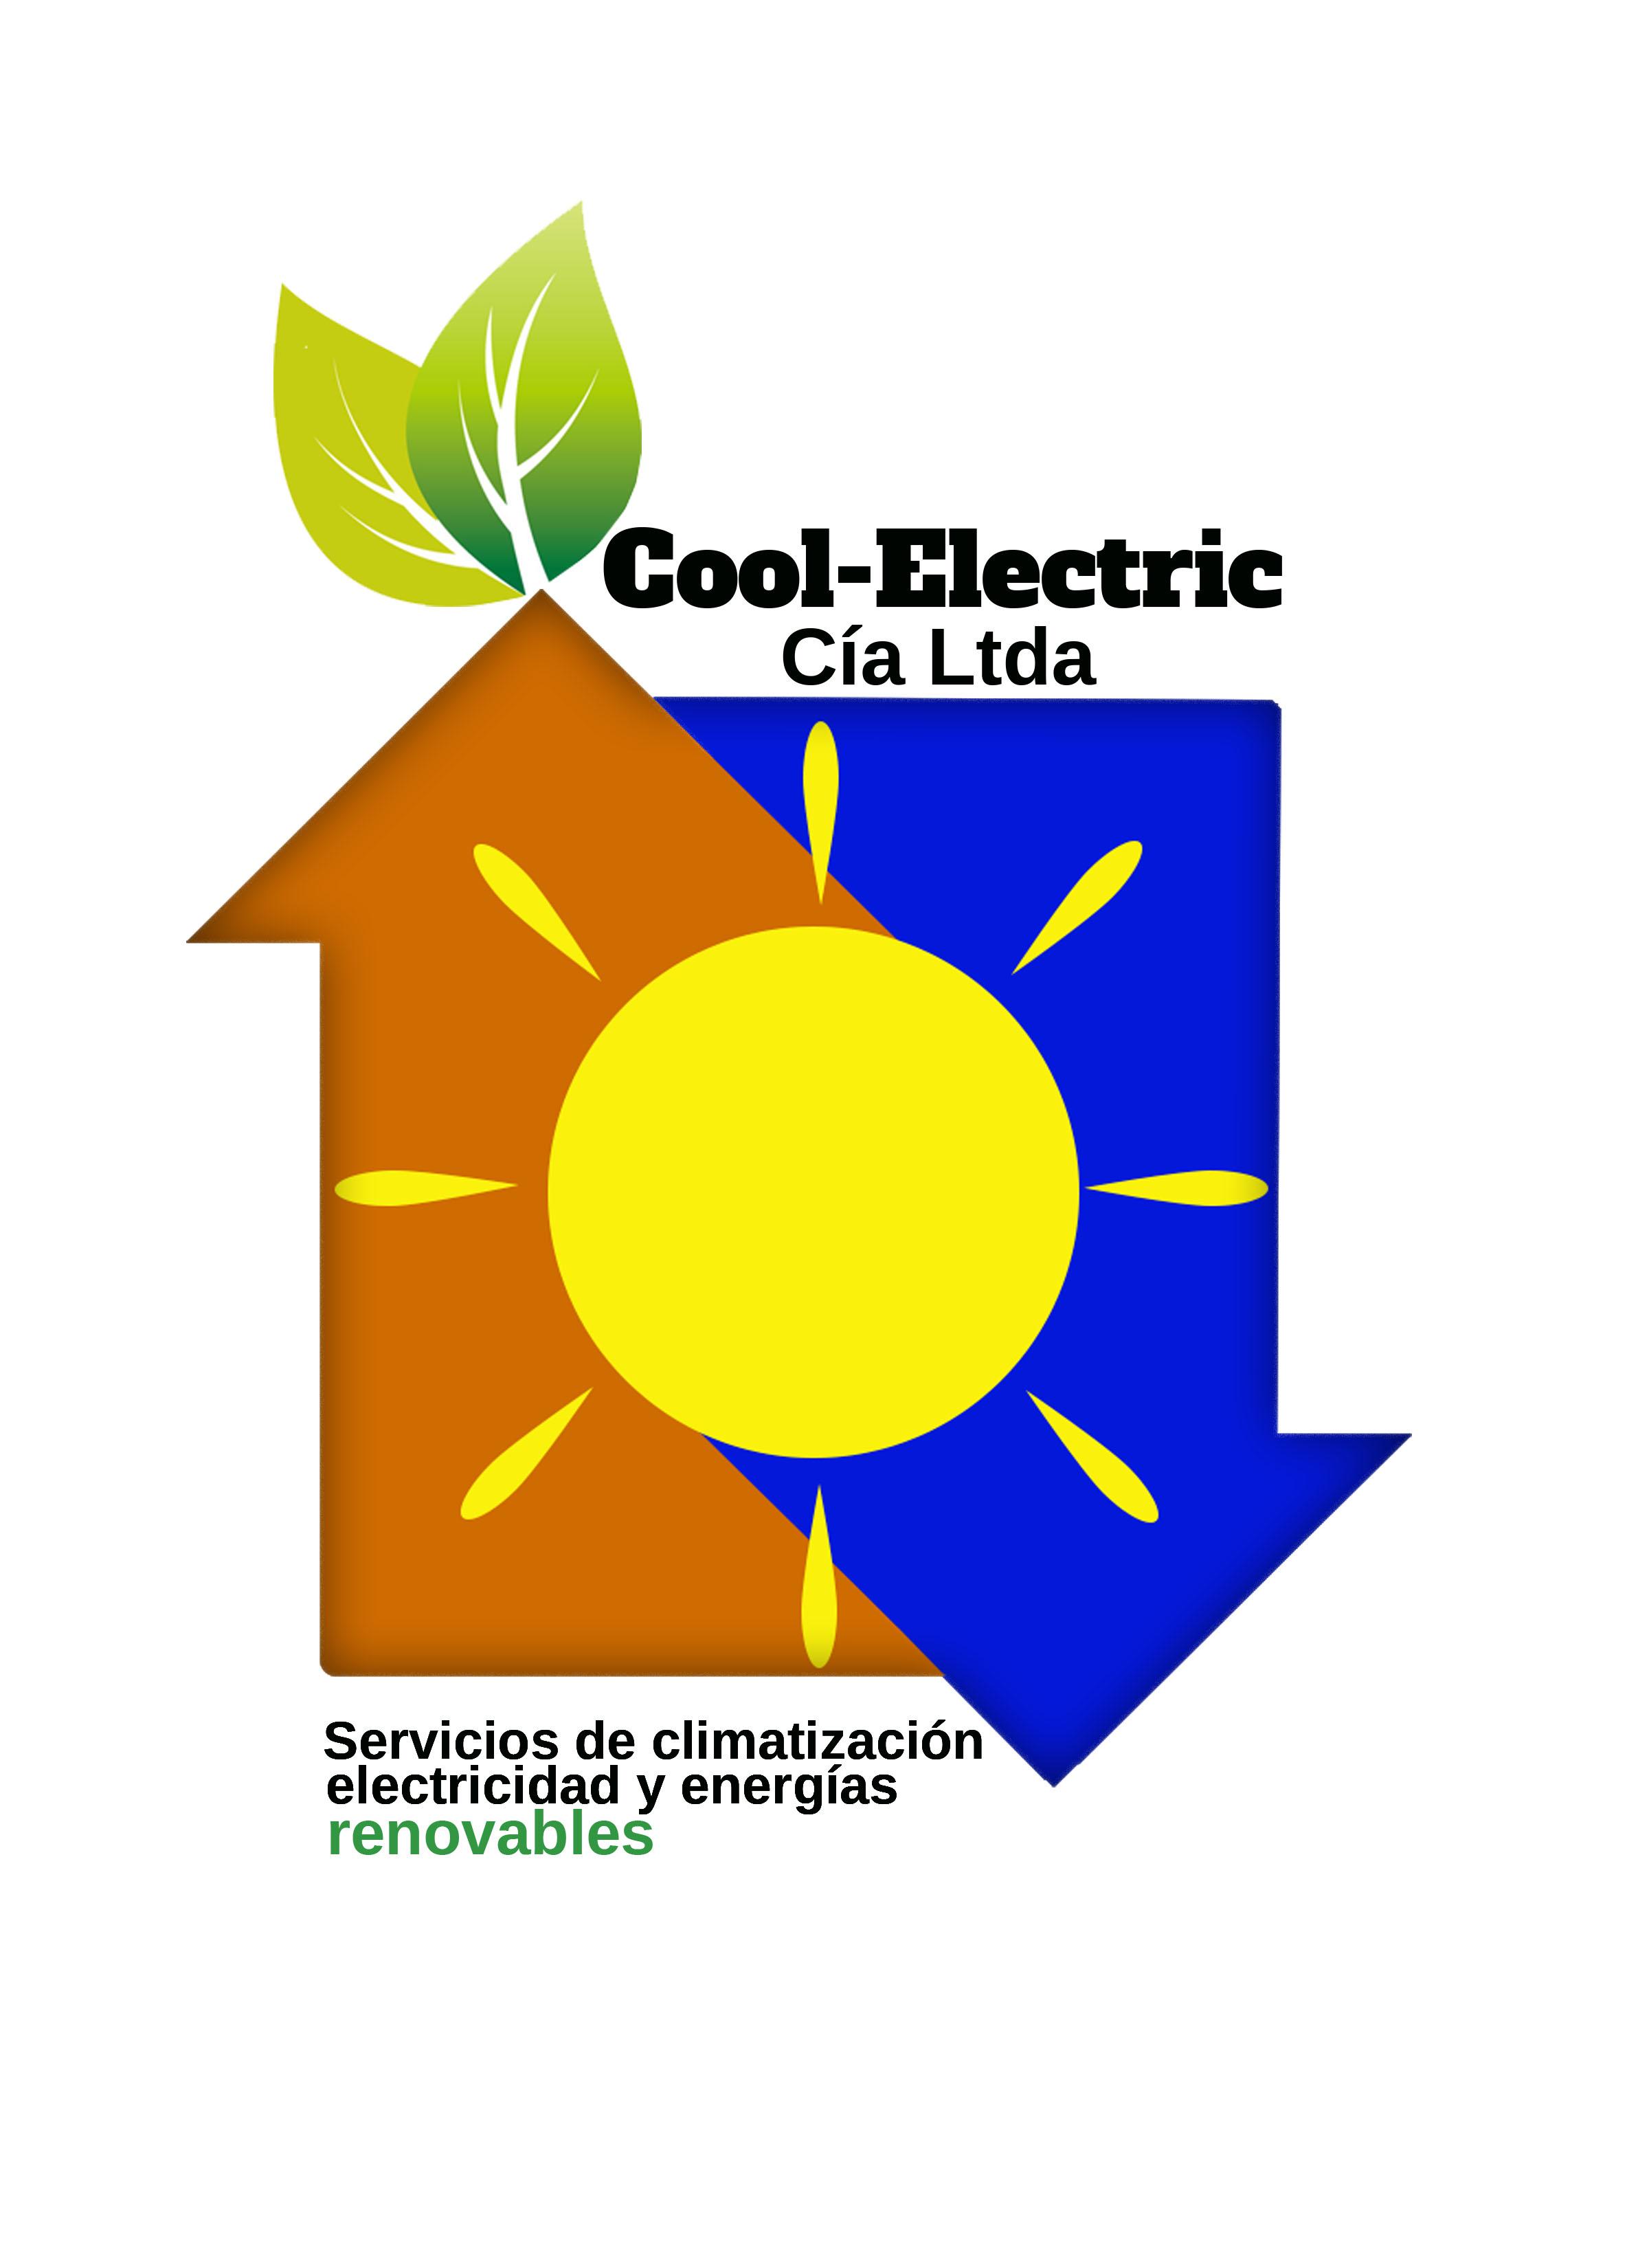 Coolelectric Cia Ltda